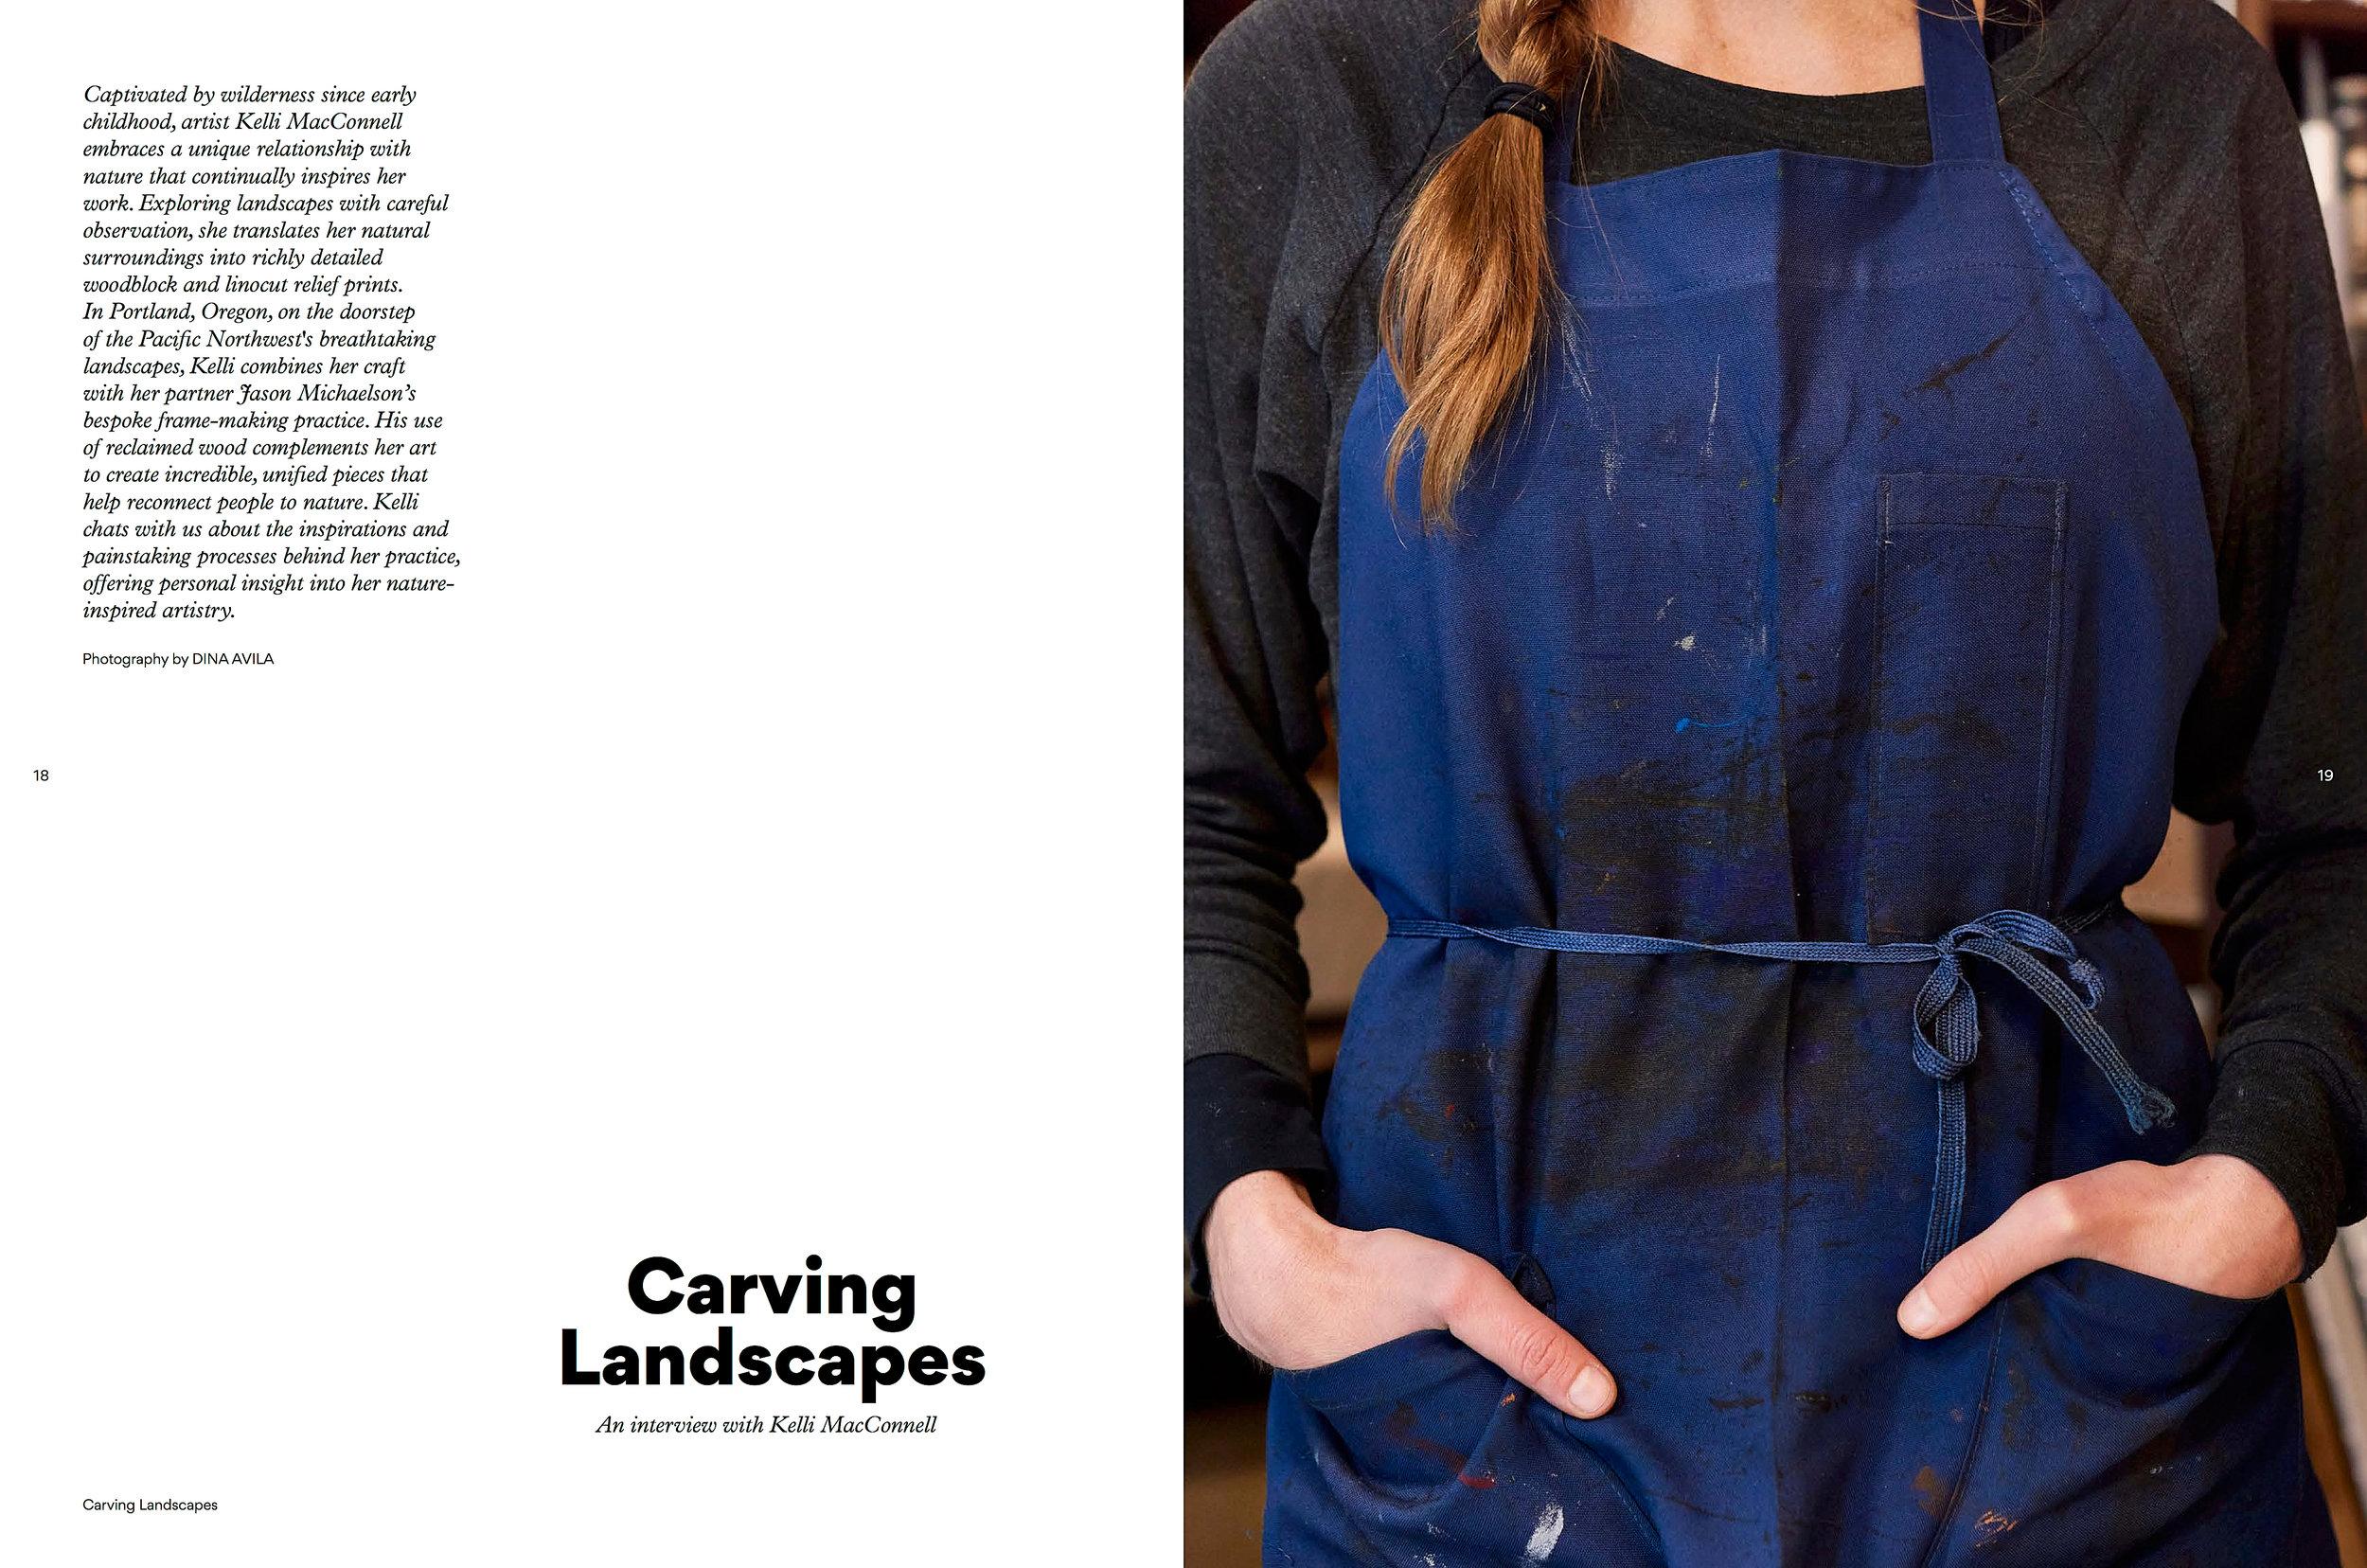 _p20-21-Carving-Landscapes_.jpg